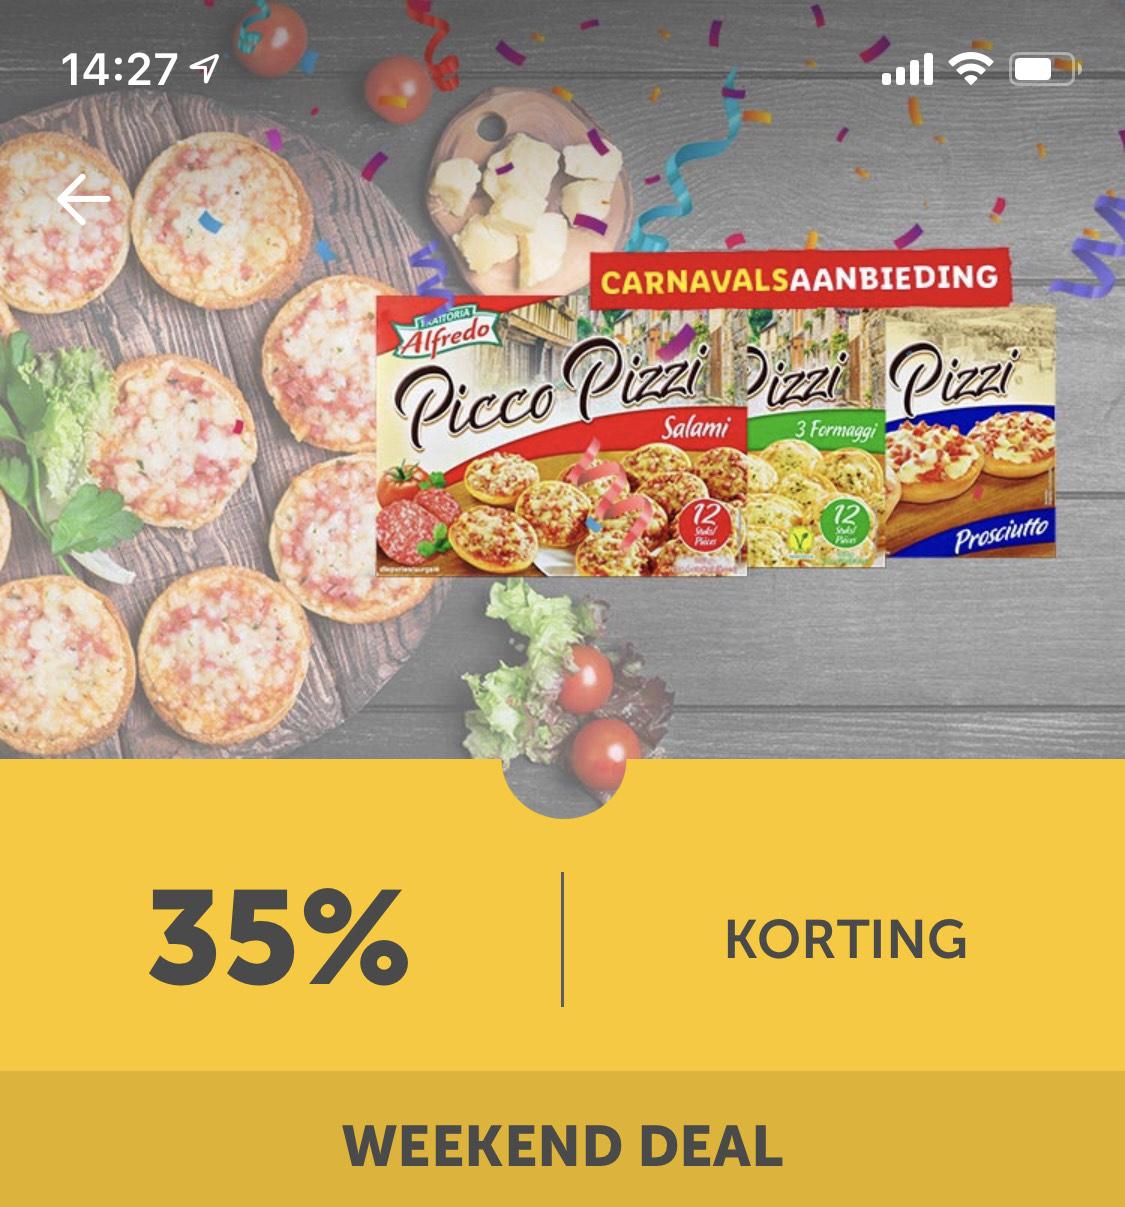 35% korting op pizza dit weekend bij Lidl